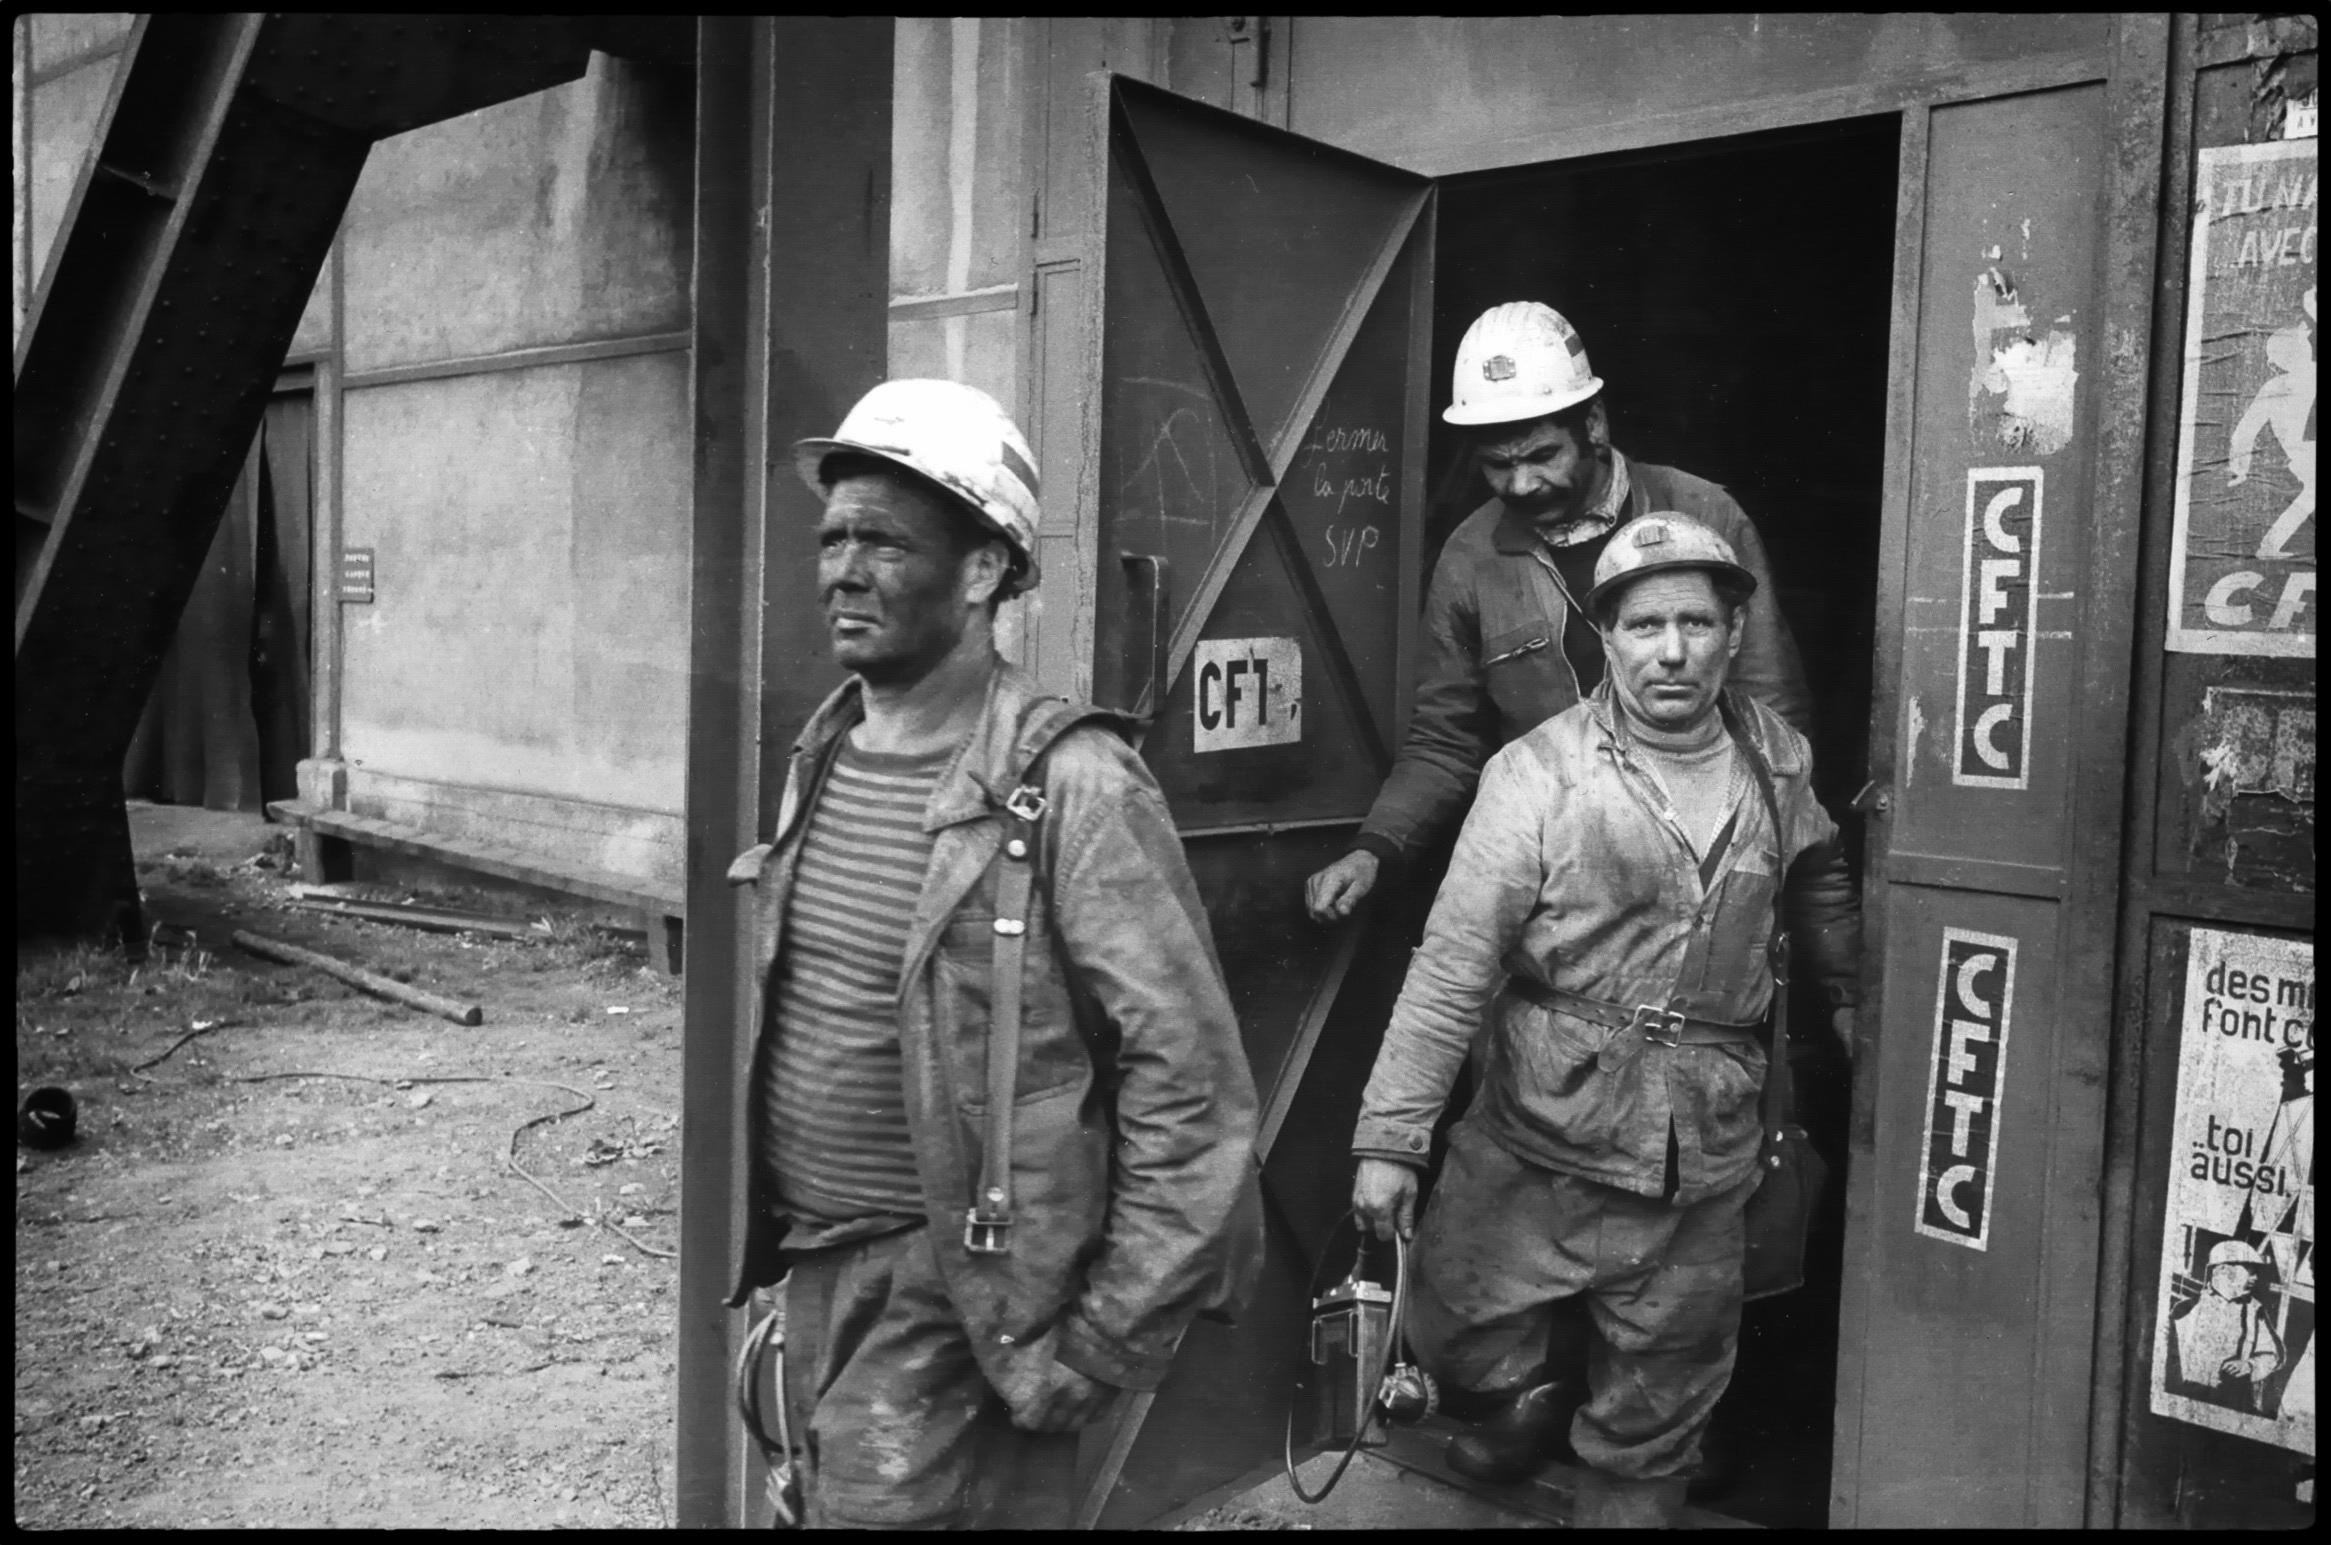 Mineurs de la Mure, France 1981.